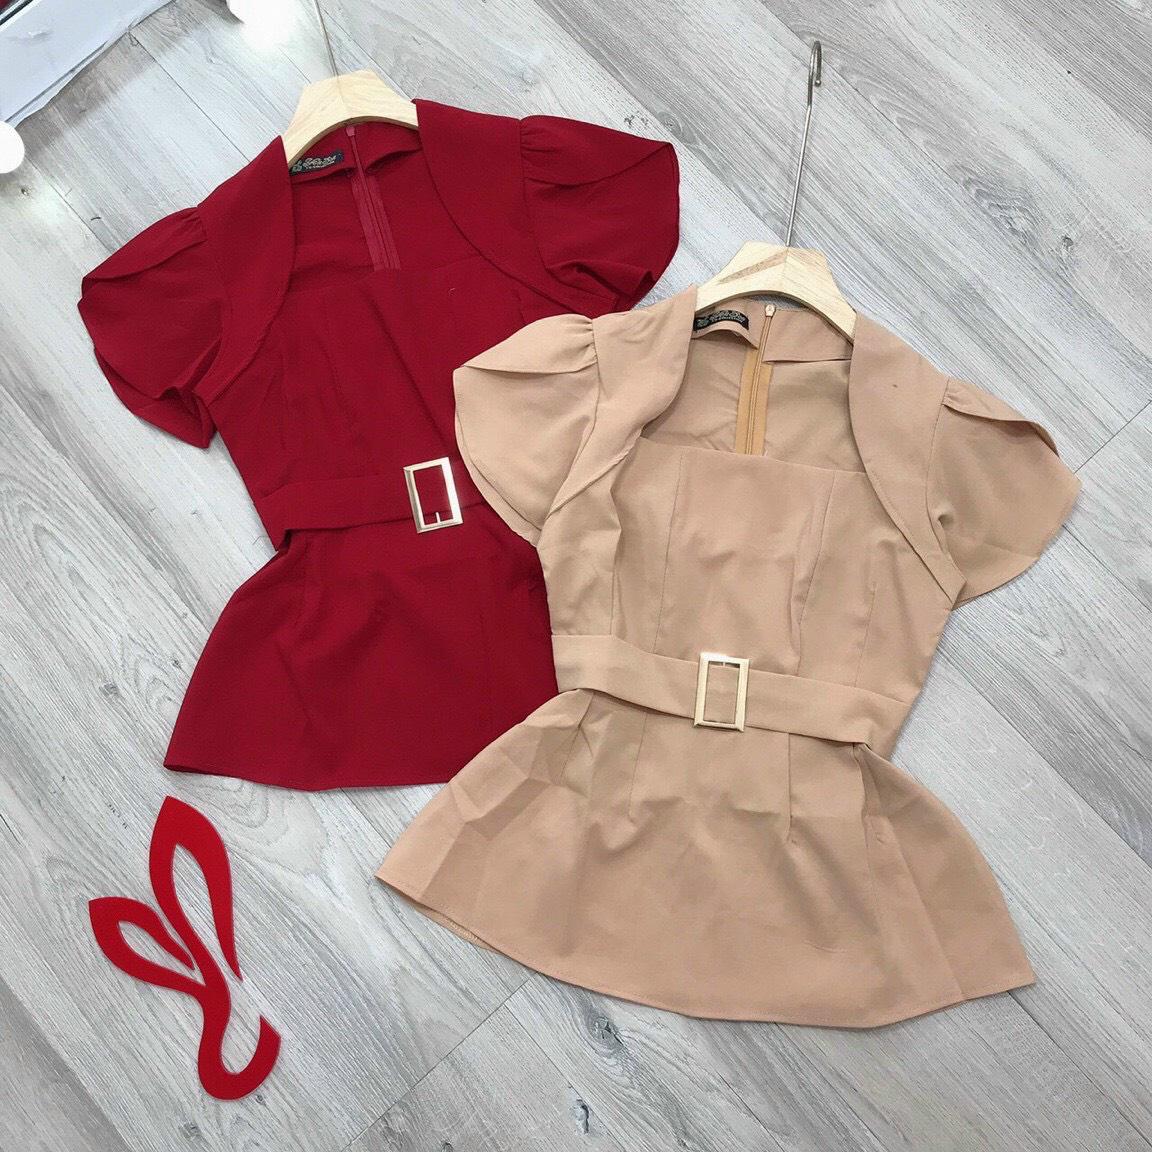 Bảo Duyên Babyhouse - khẳng định phong cách thời trang cho phái nữ - Ảnh 1.